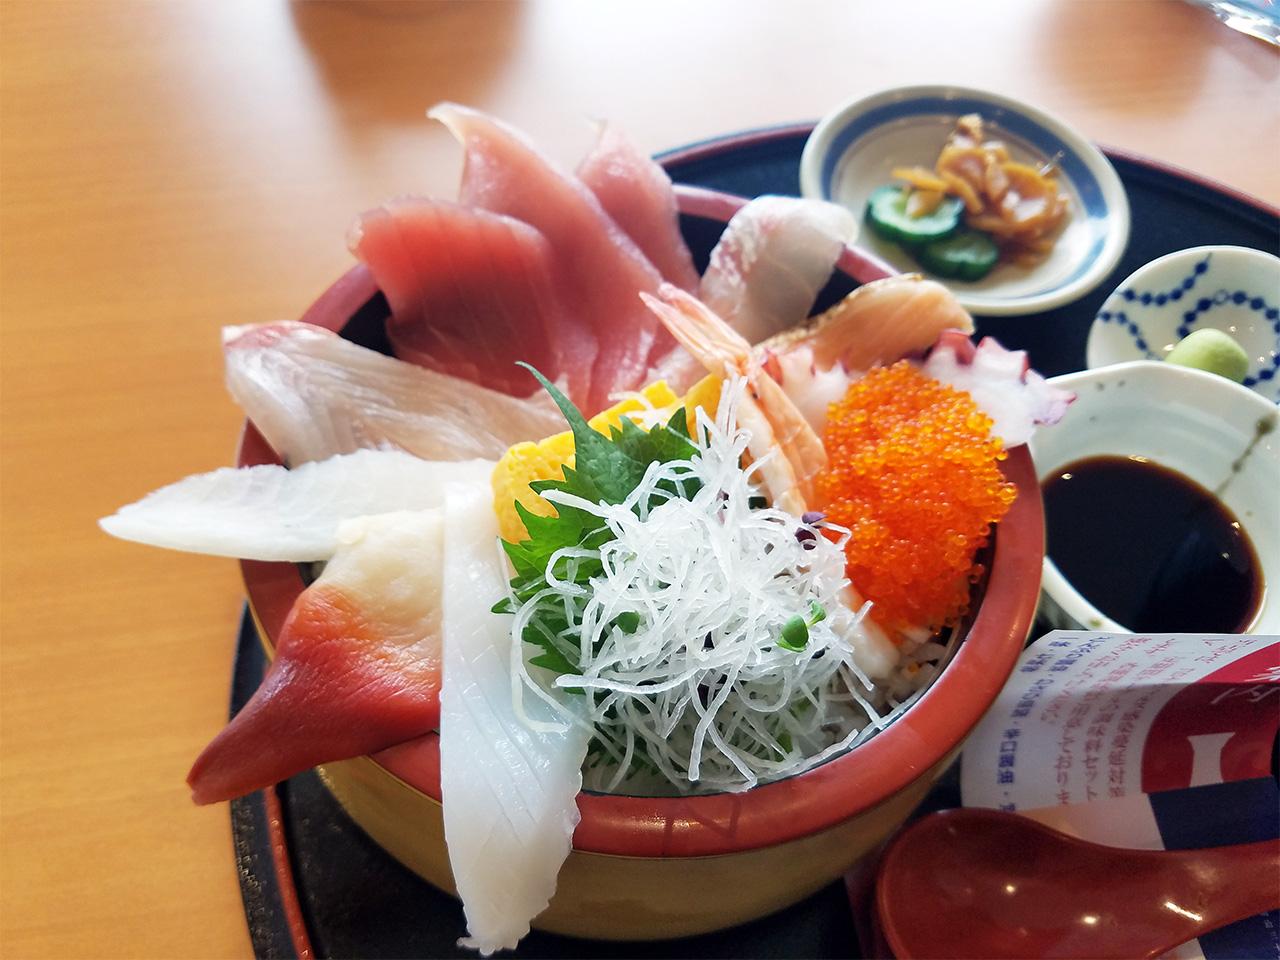 昼食は、海鮮まぐろ家さんの「海鮮丼酢飯大盛り」をいただきました。